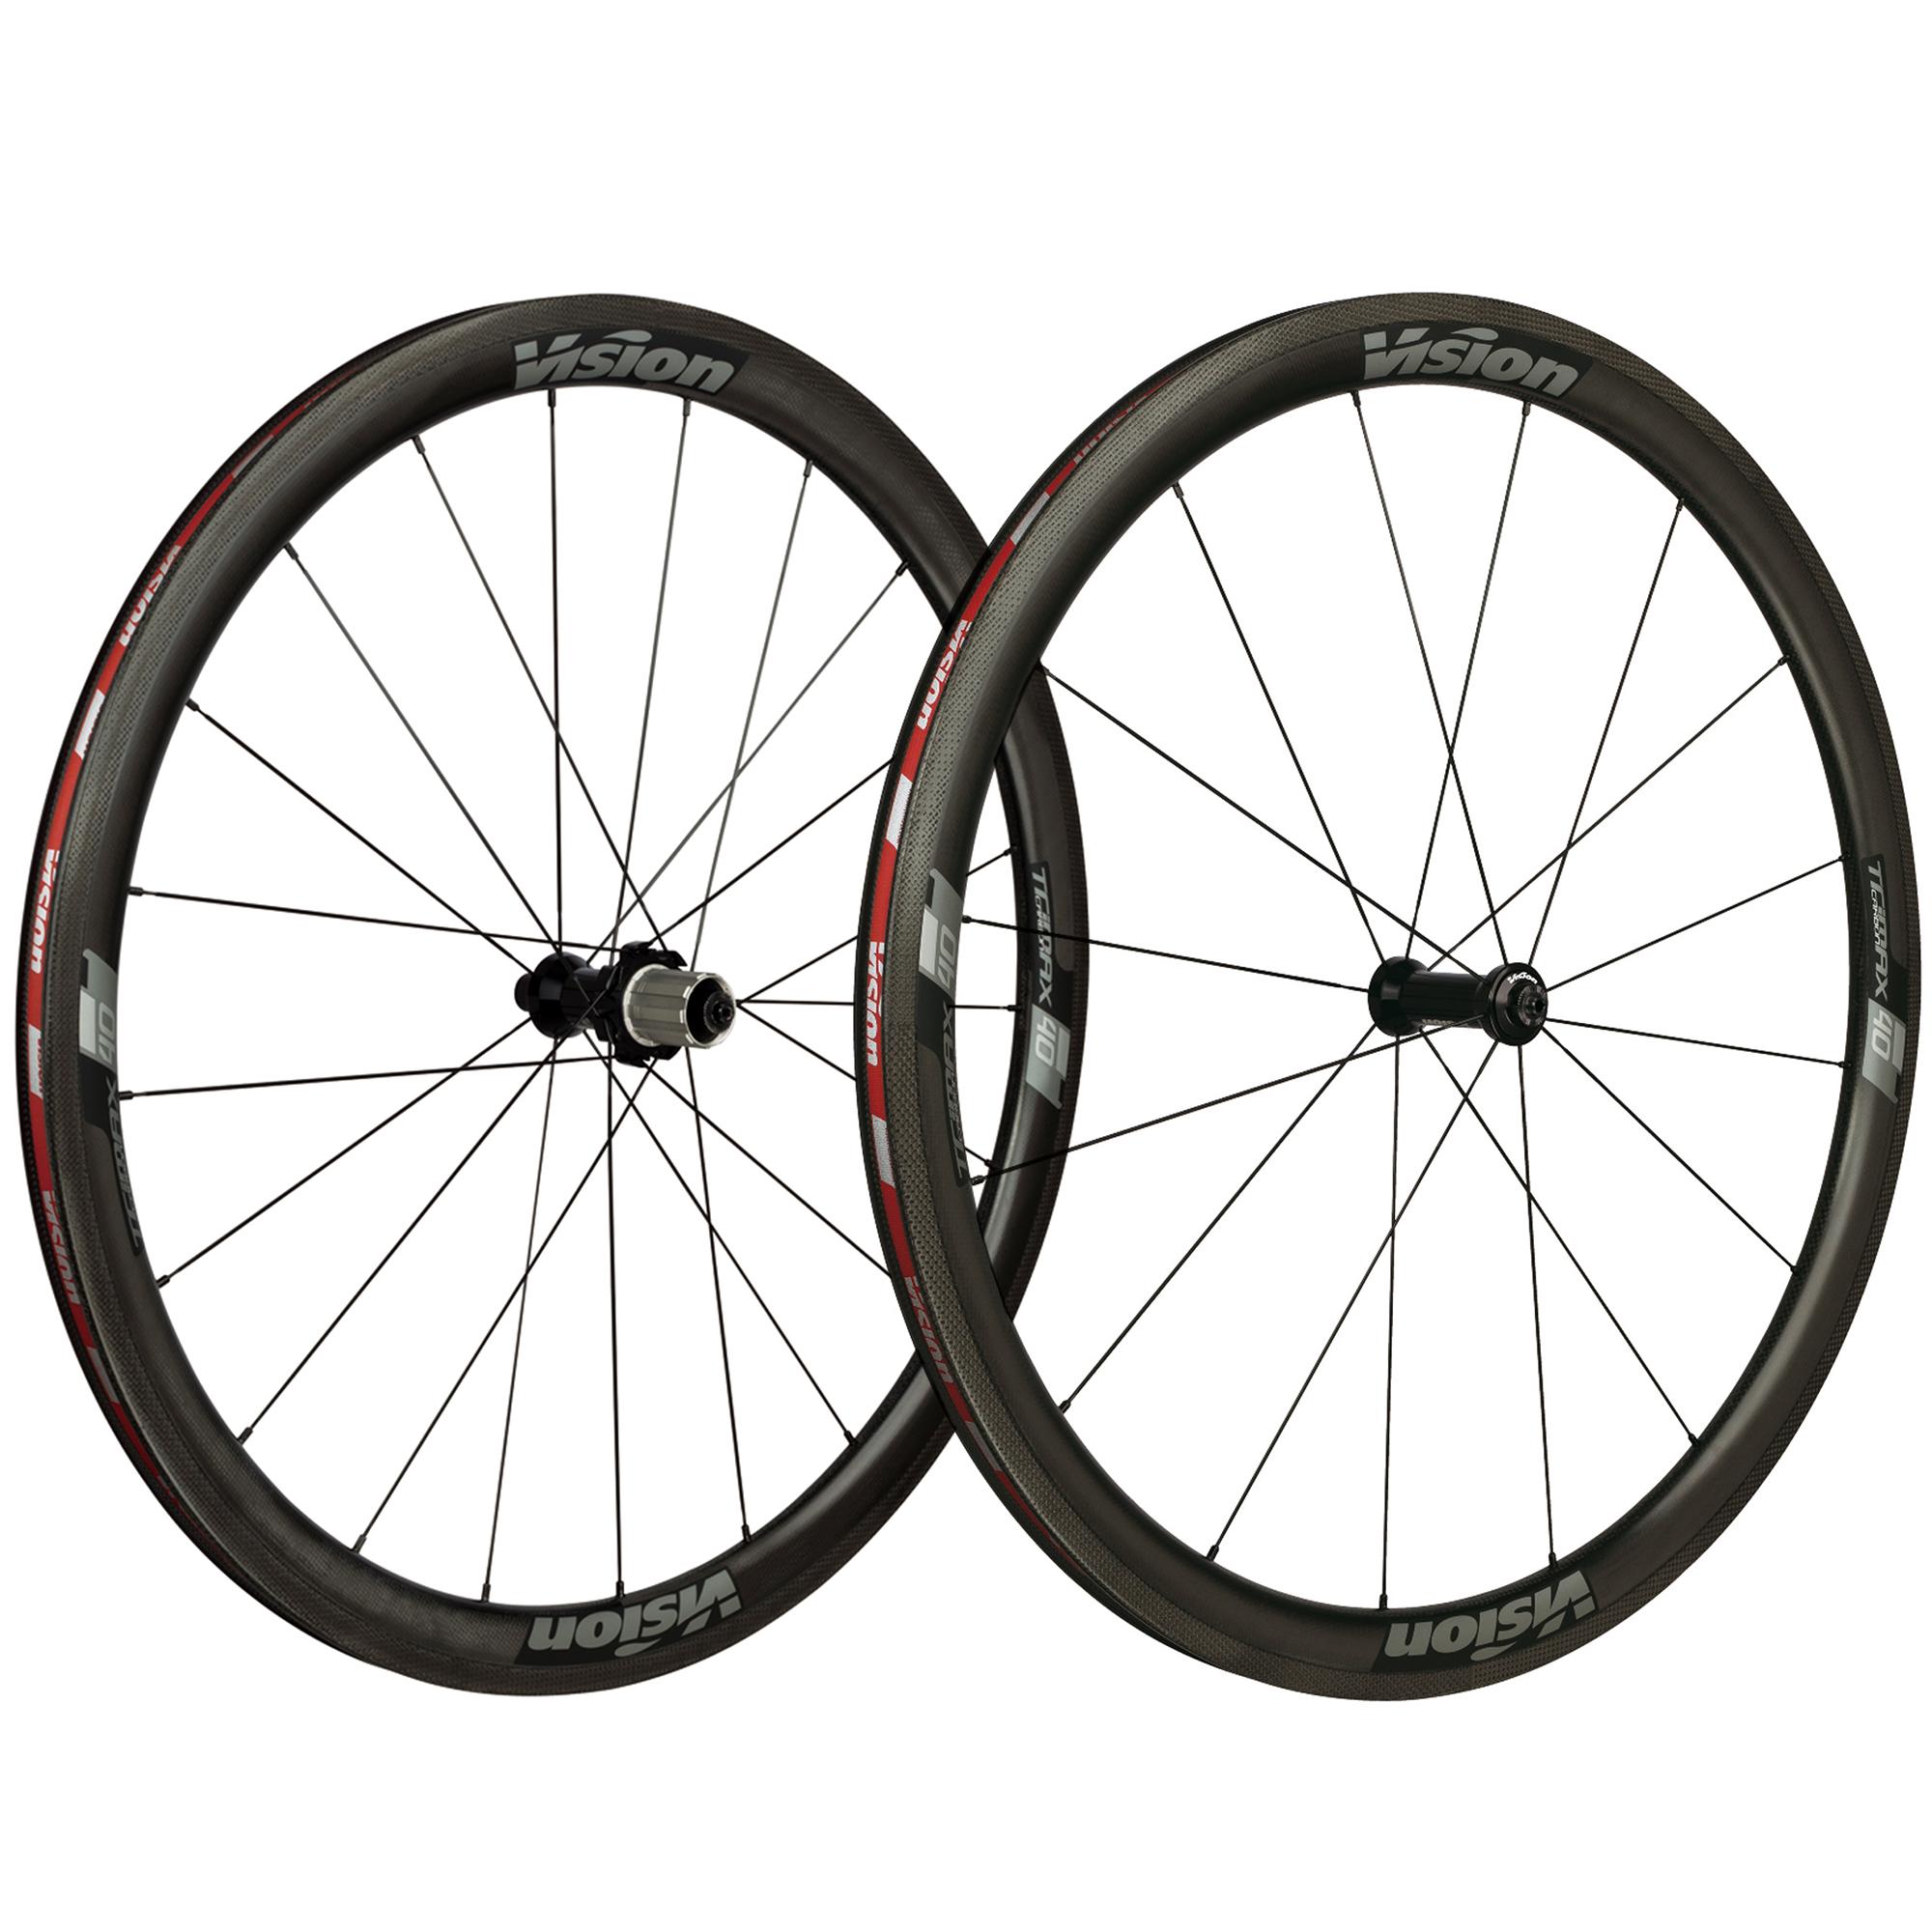 Vision Trimax 40 LTD Carbon Road Wheelset – 700c